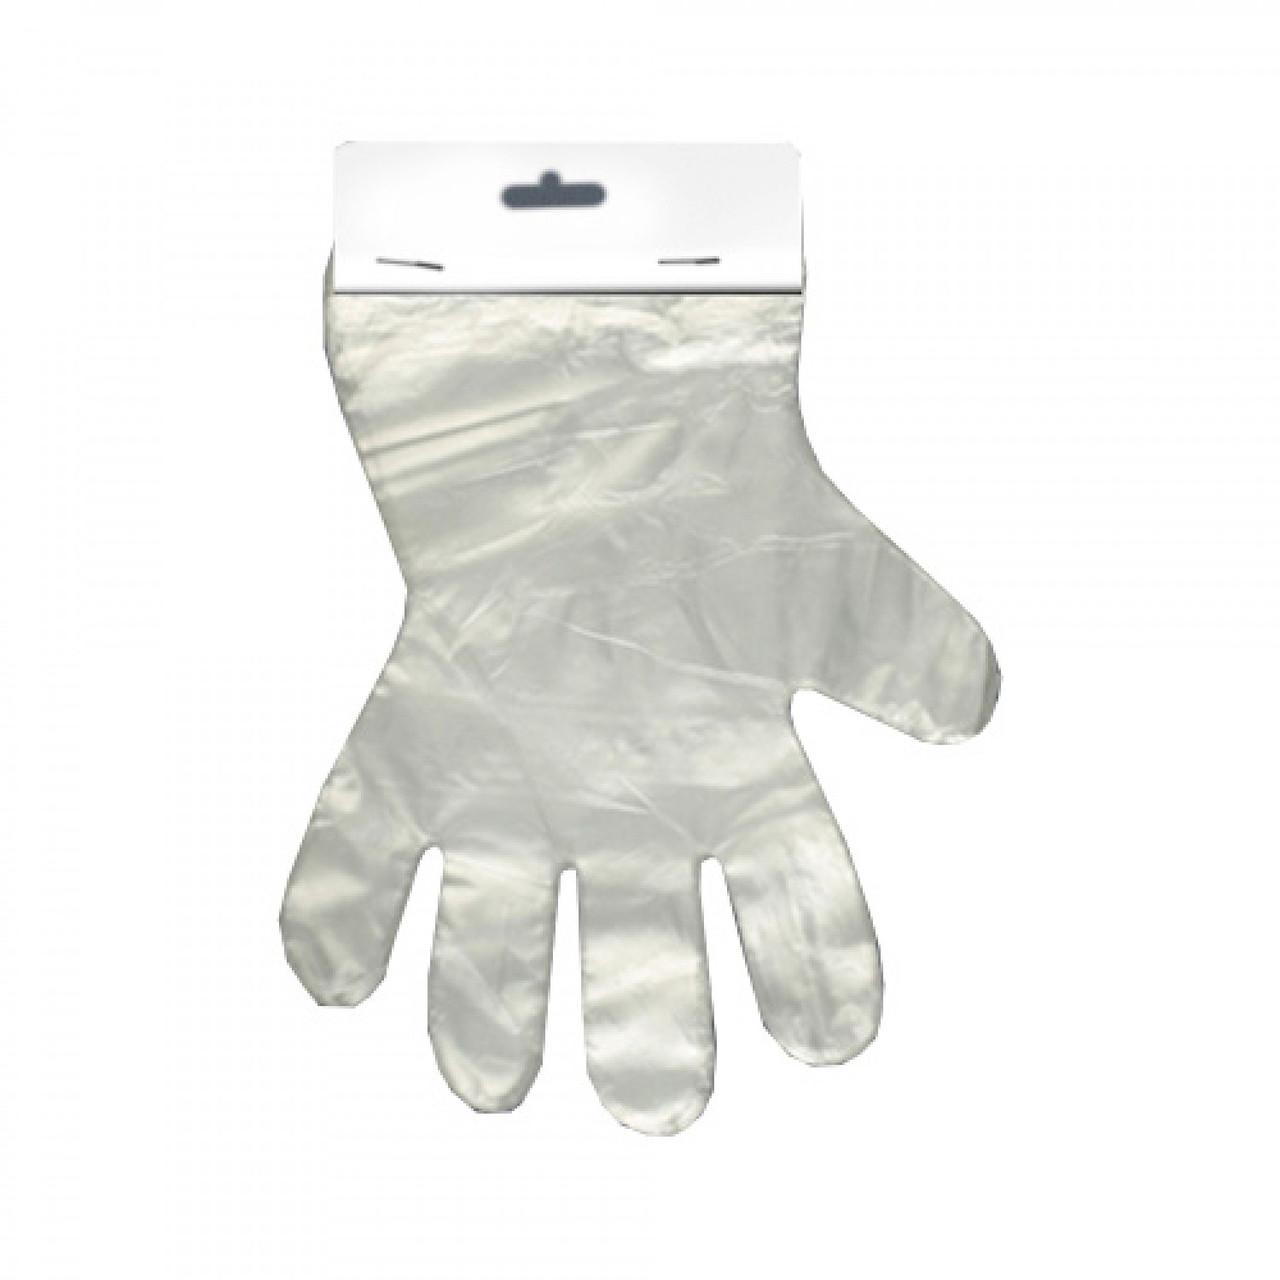 Medicom перчатки полиэтиленовые 100 шт.